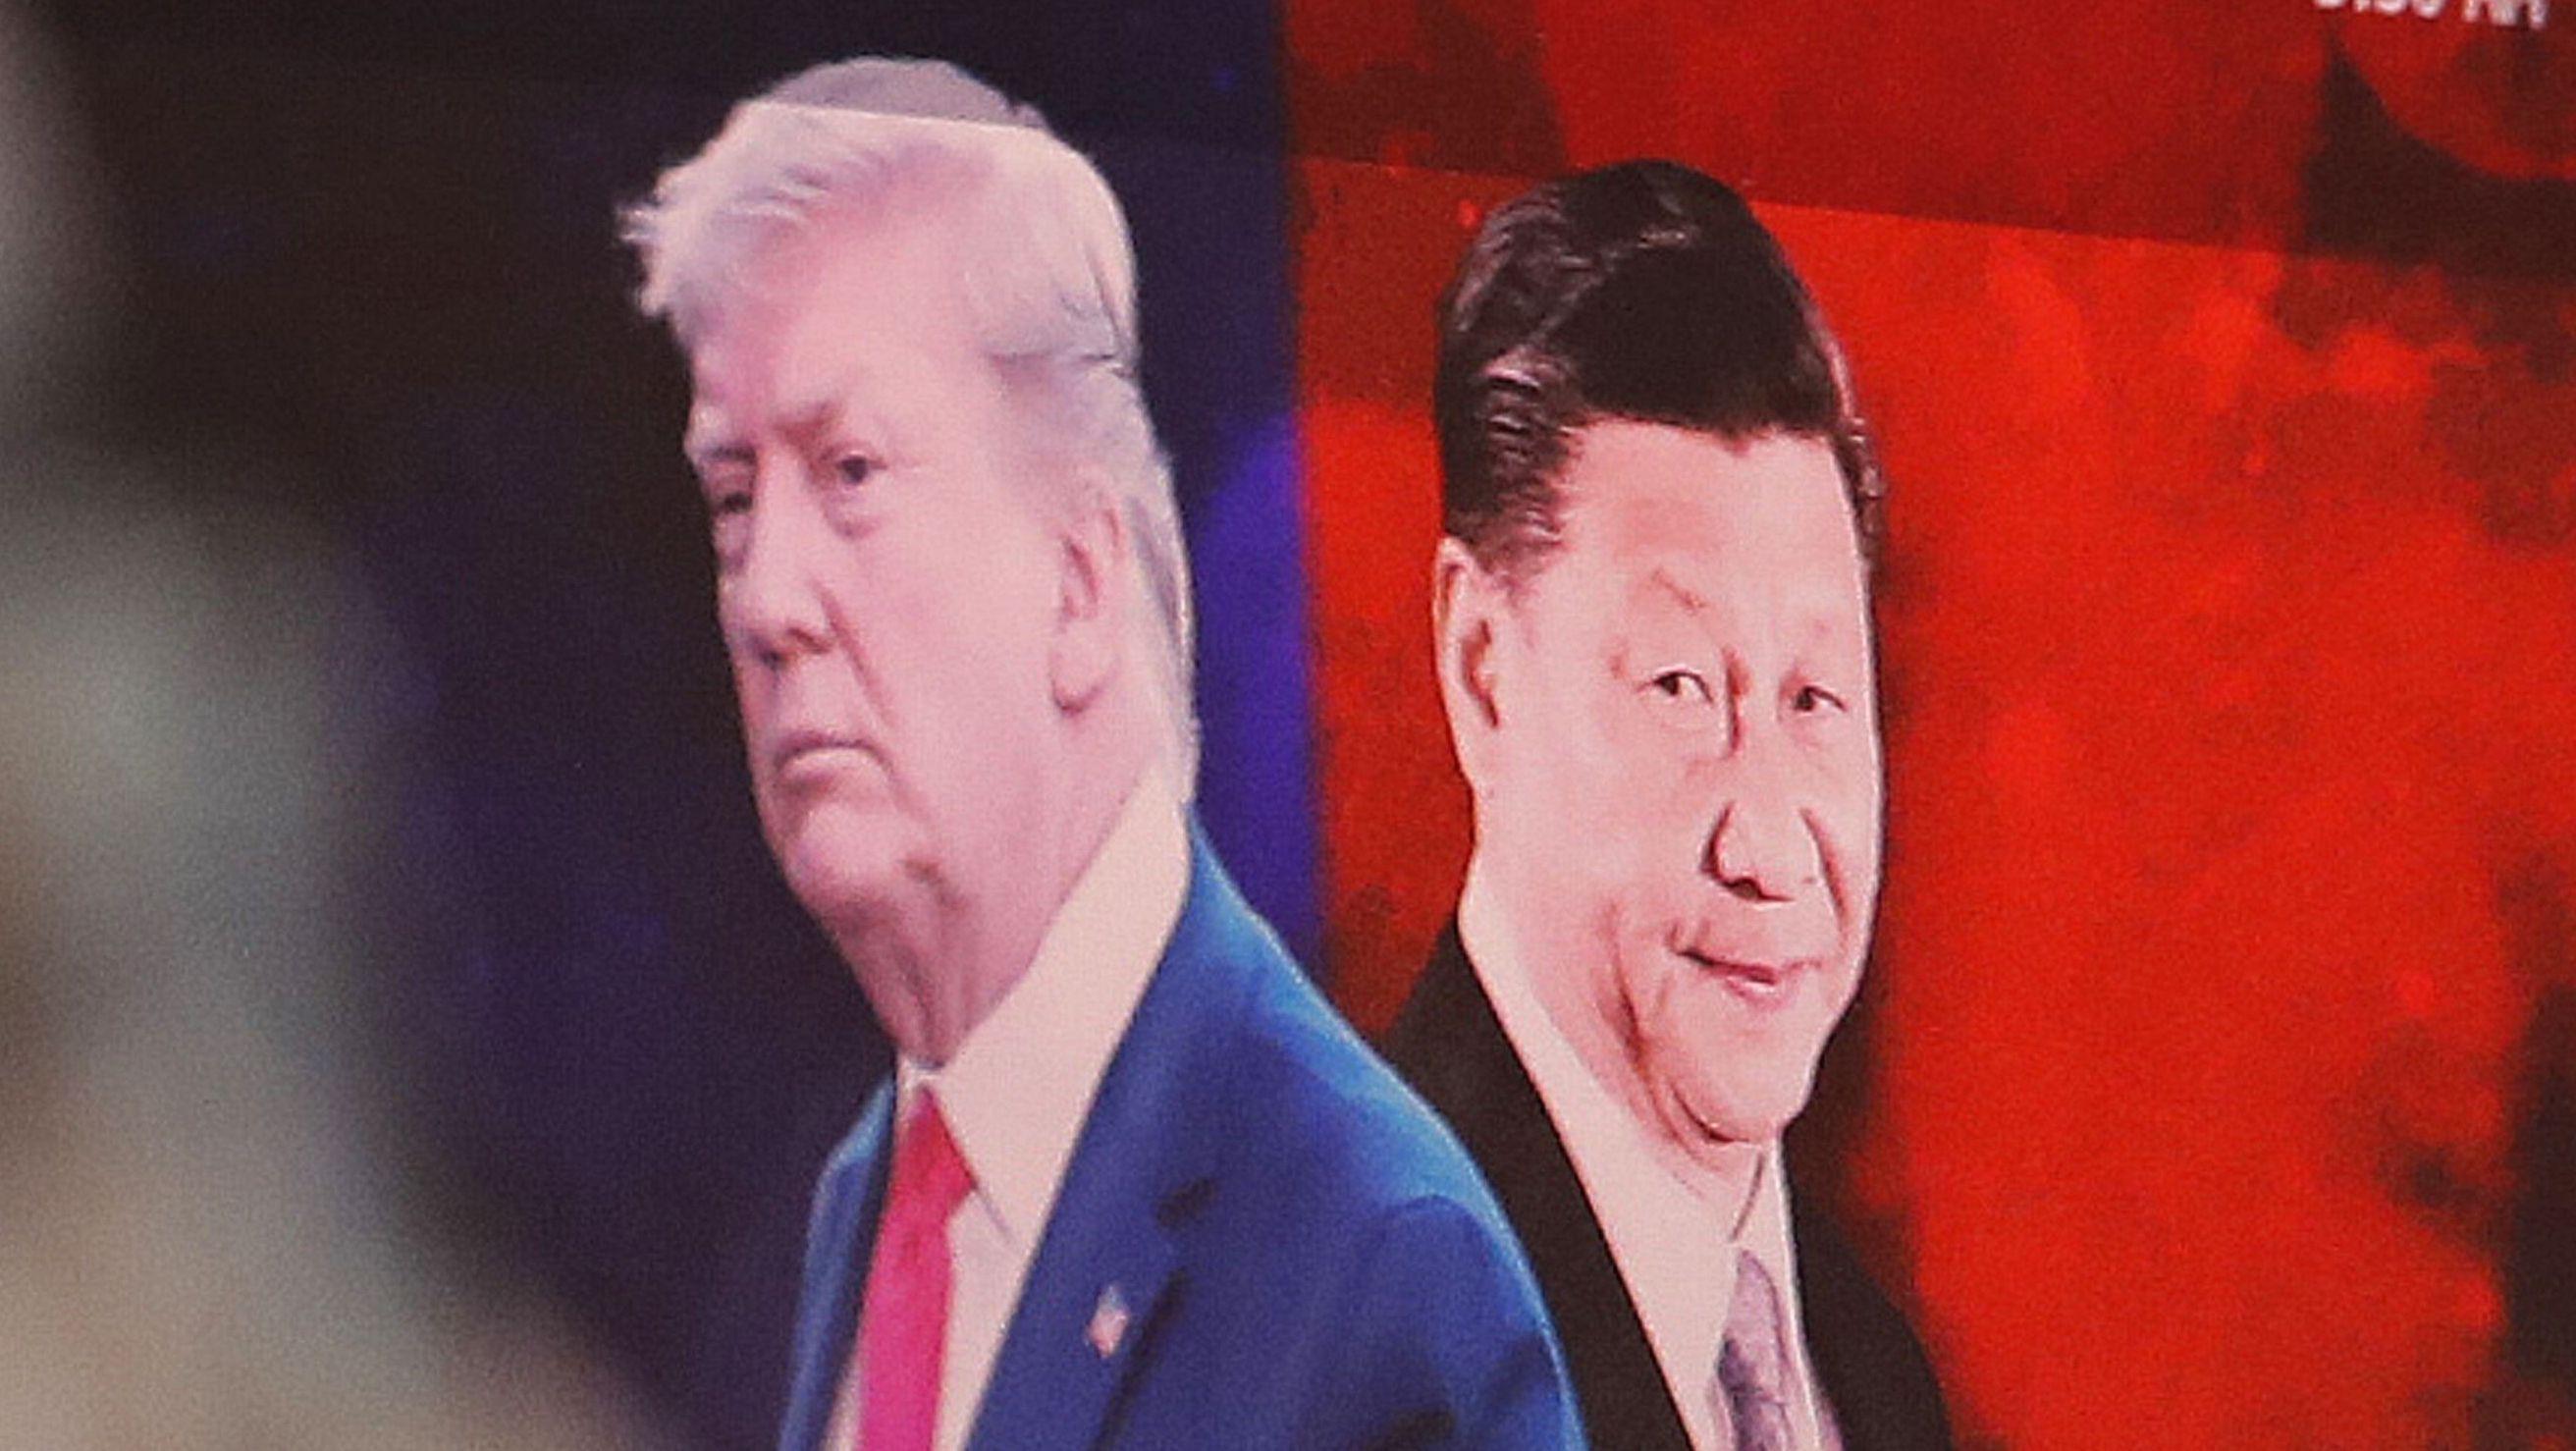 Bilder von Donald Trump und Chinas Staatsschef Xi Jinping auf einer Videowand